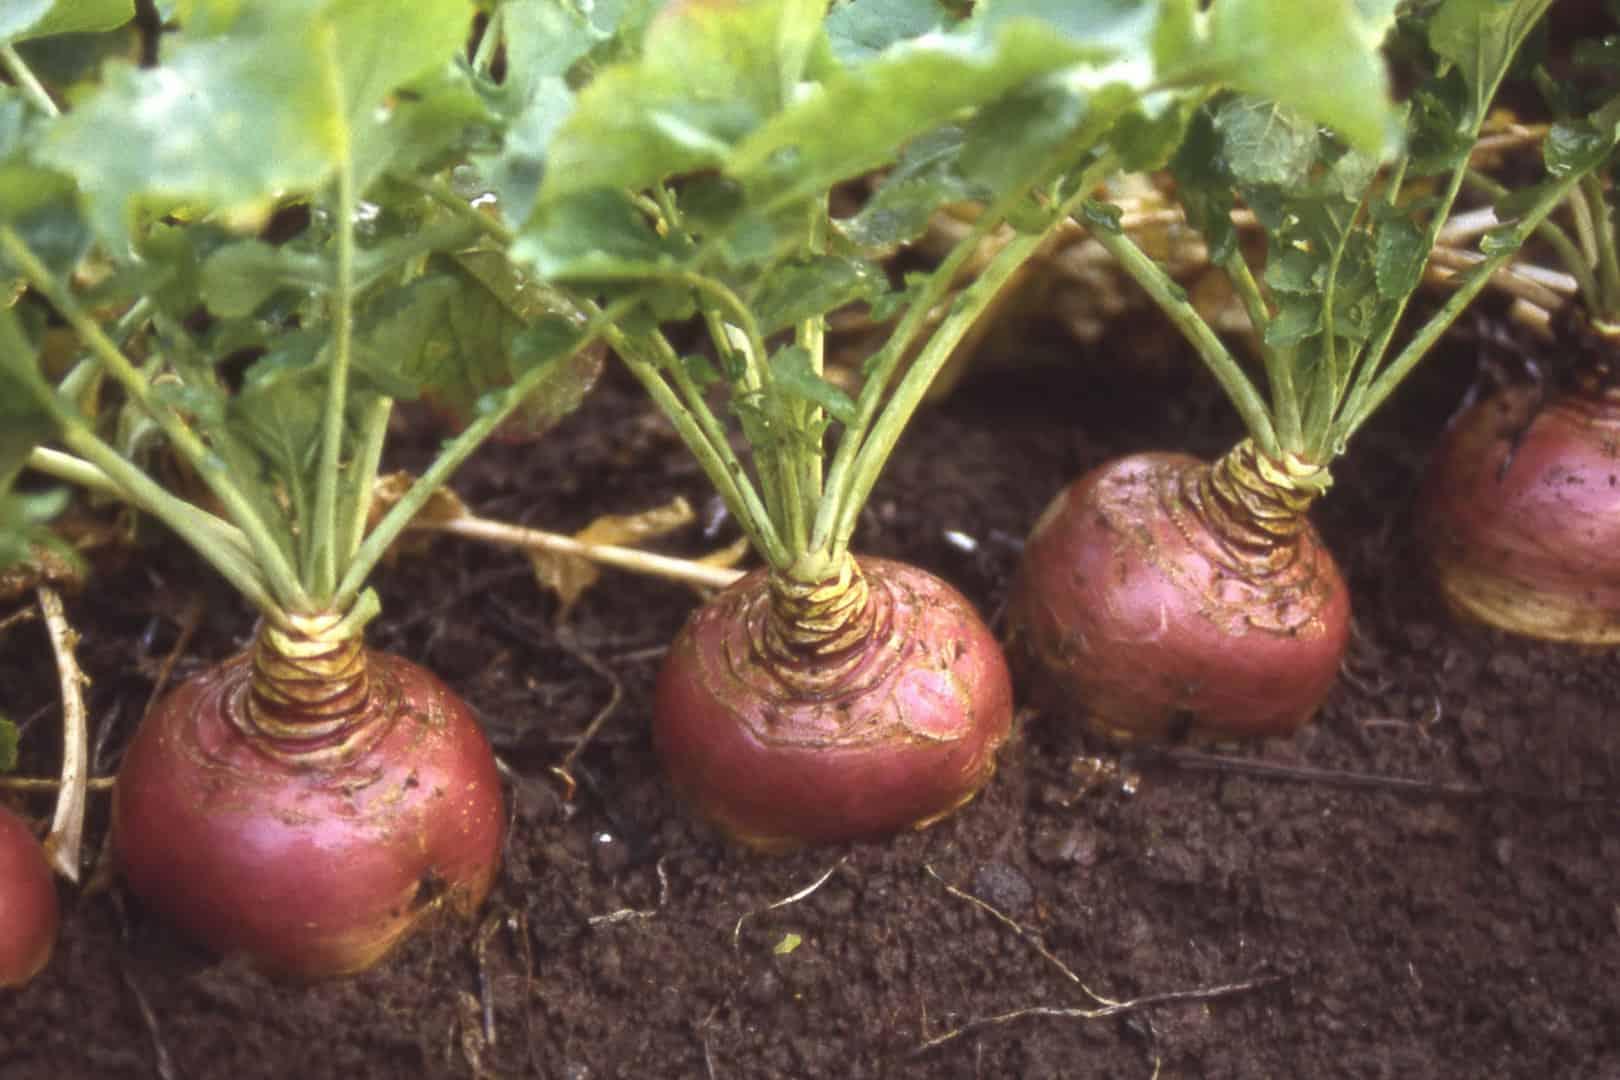 Турнепс кормовая репа — описание и выращивание